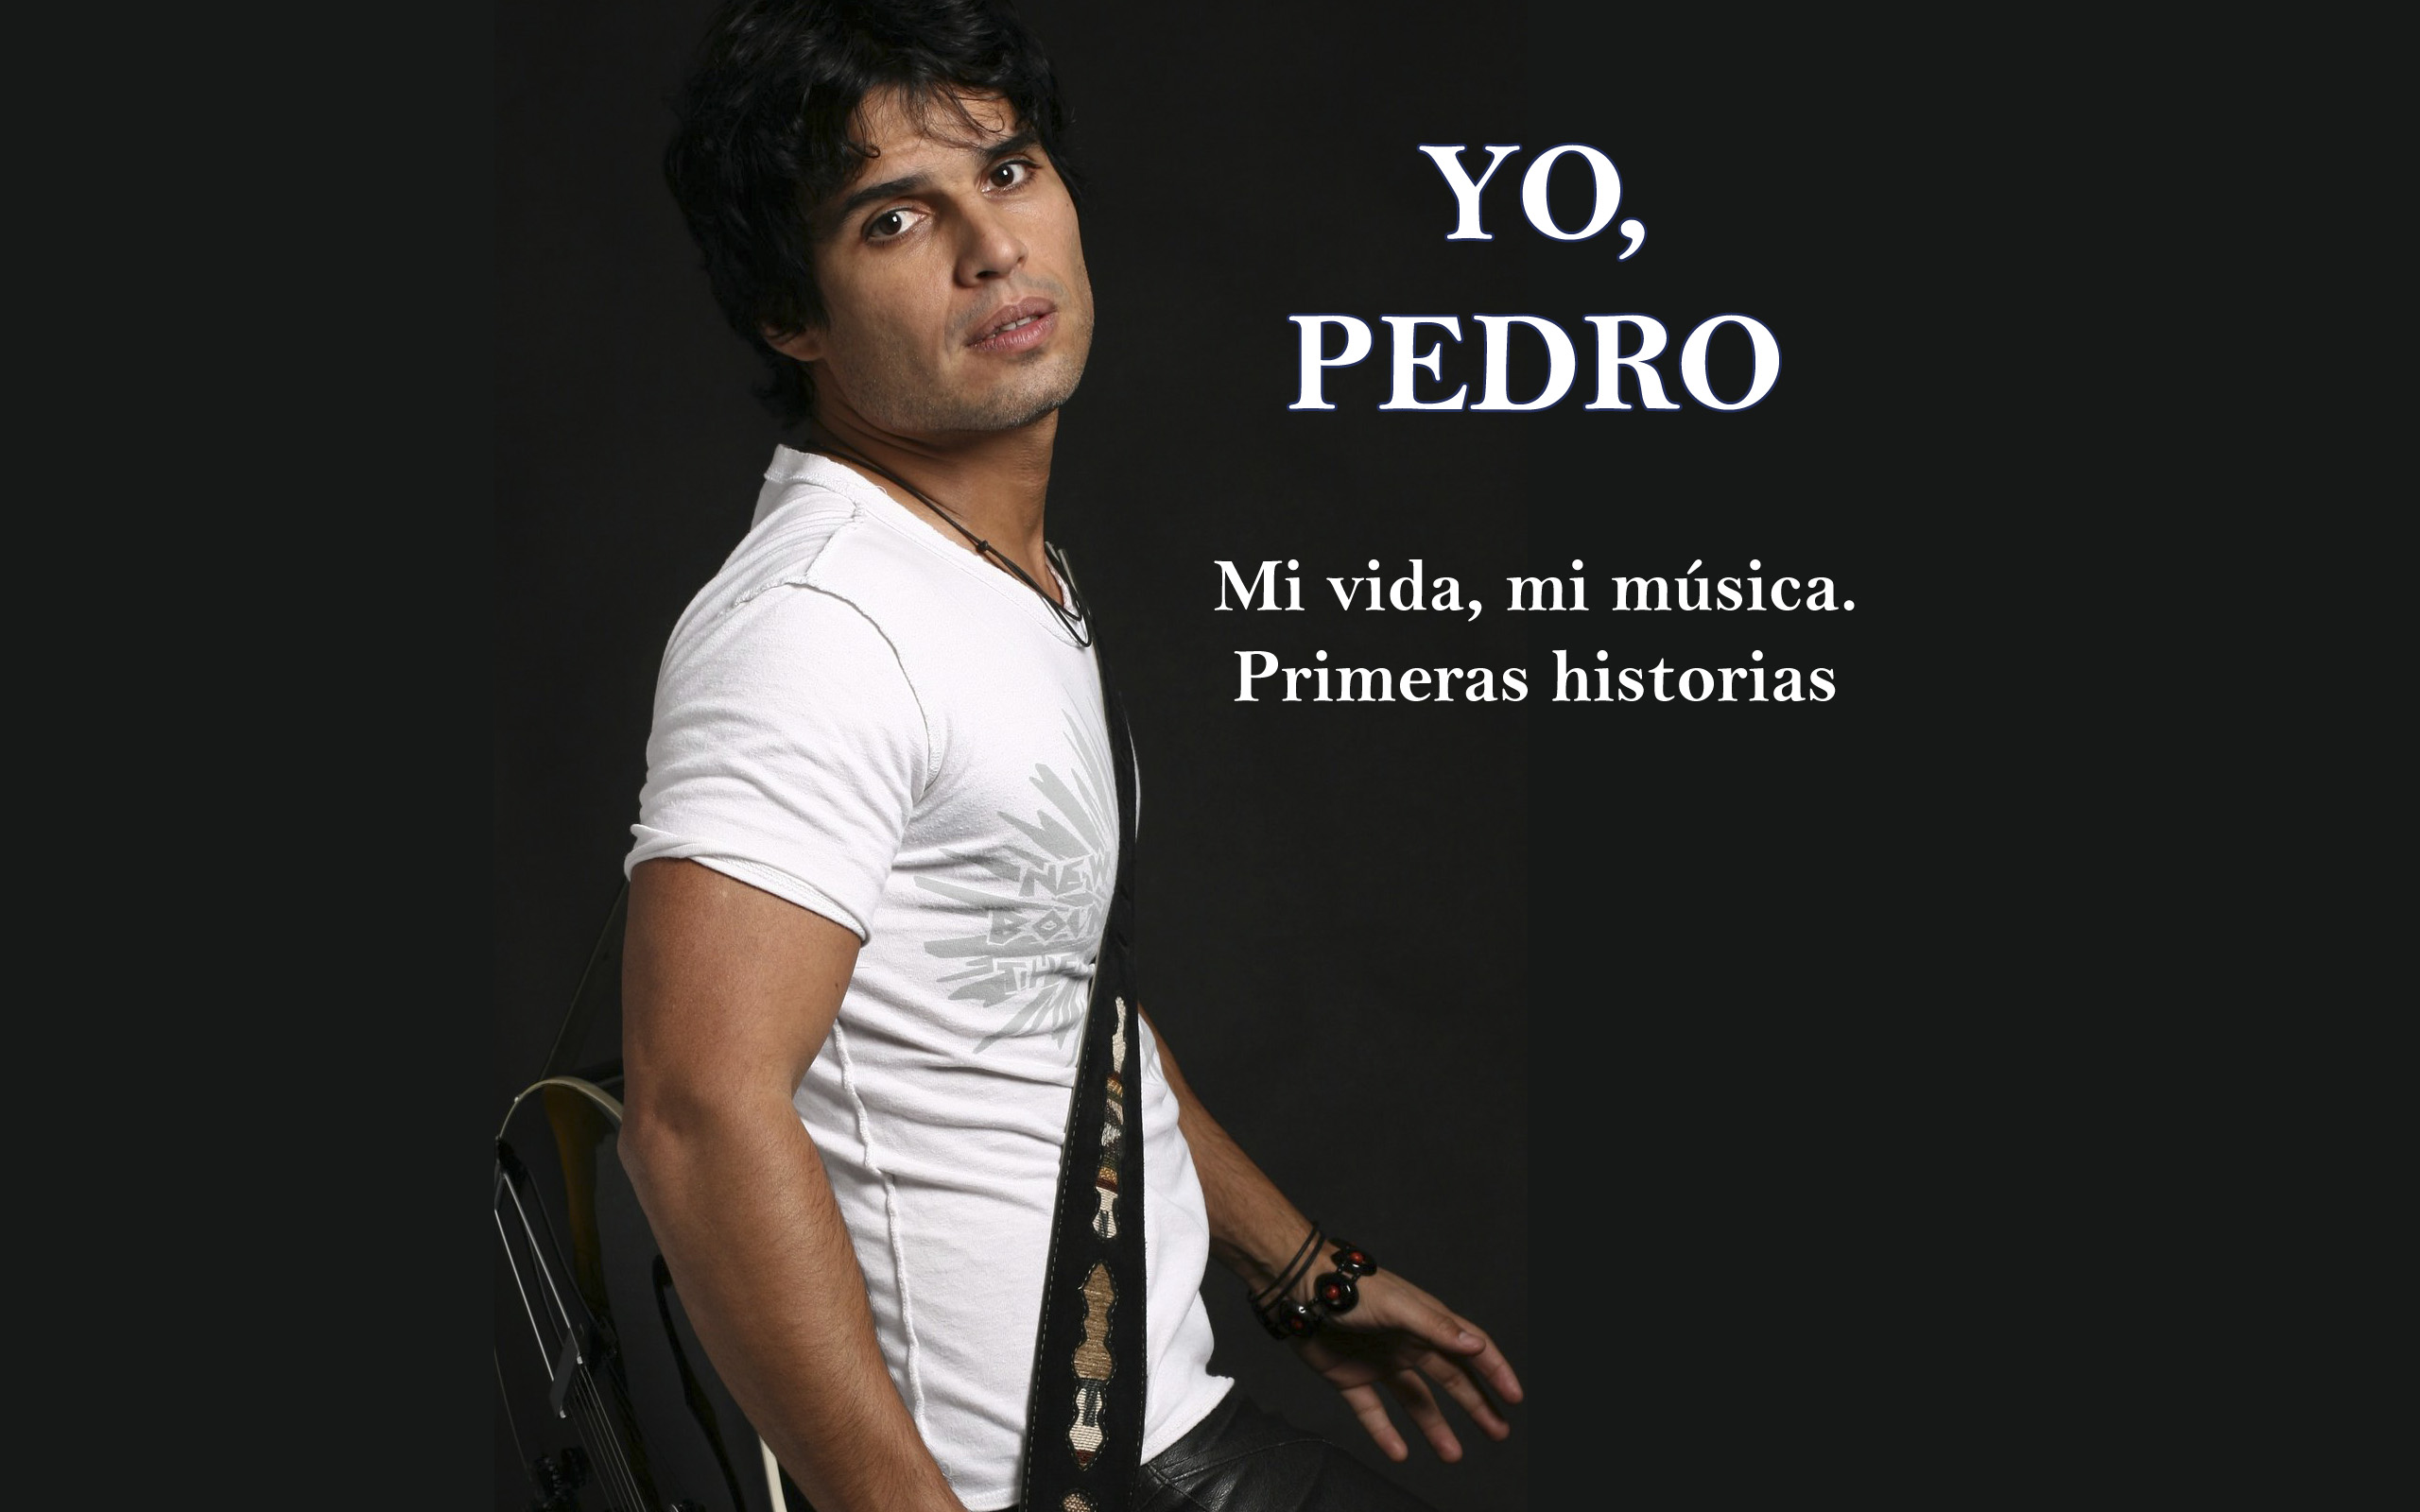 Yo, Pedro - 2560x1600